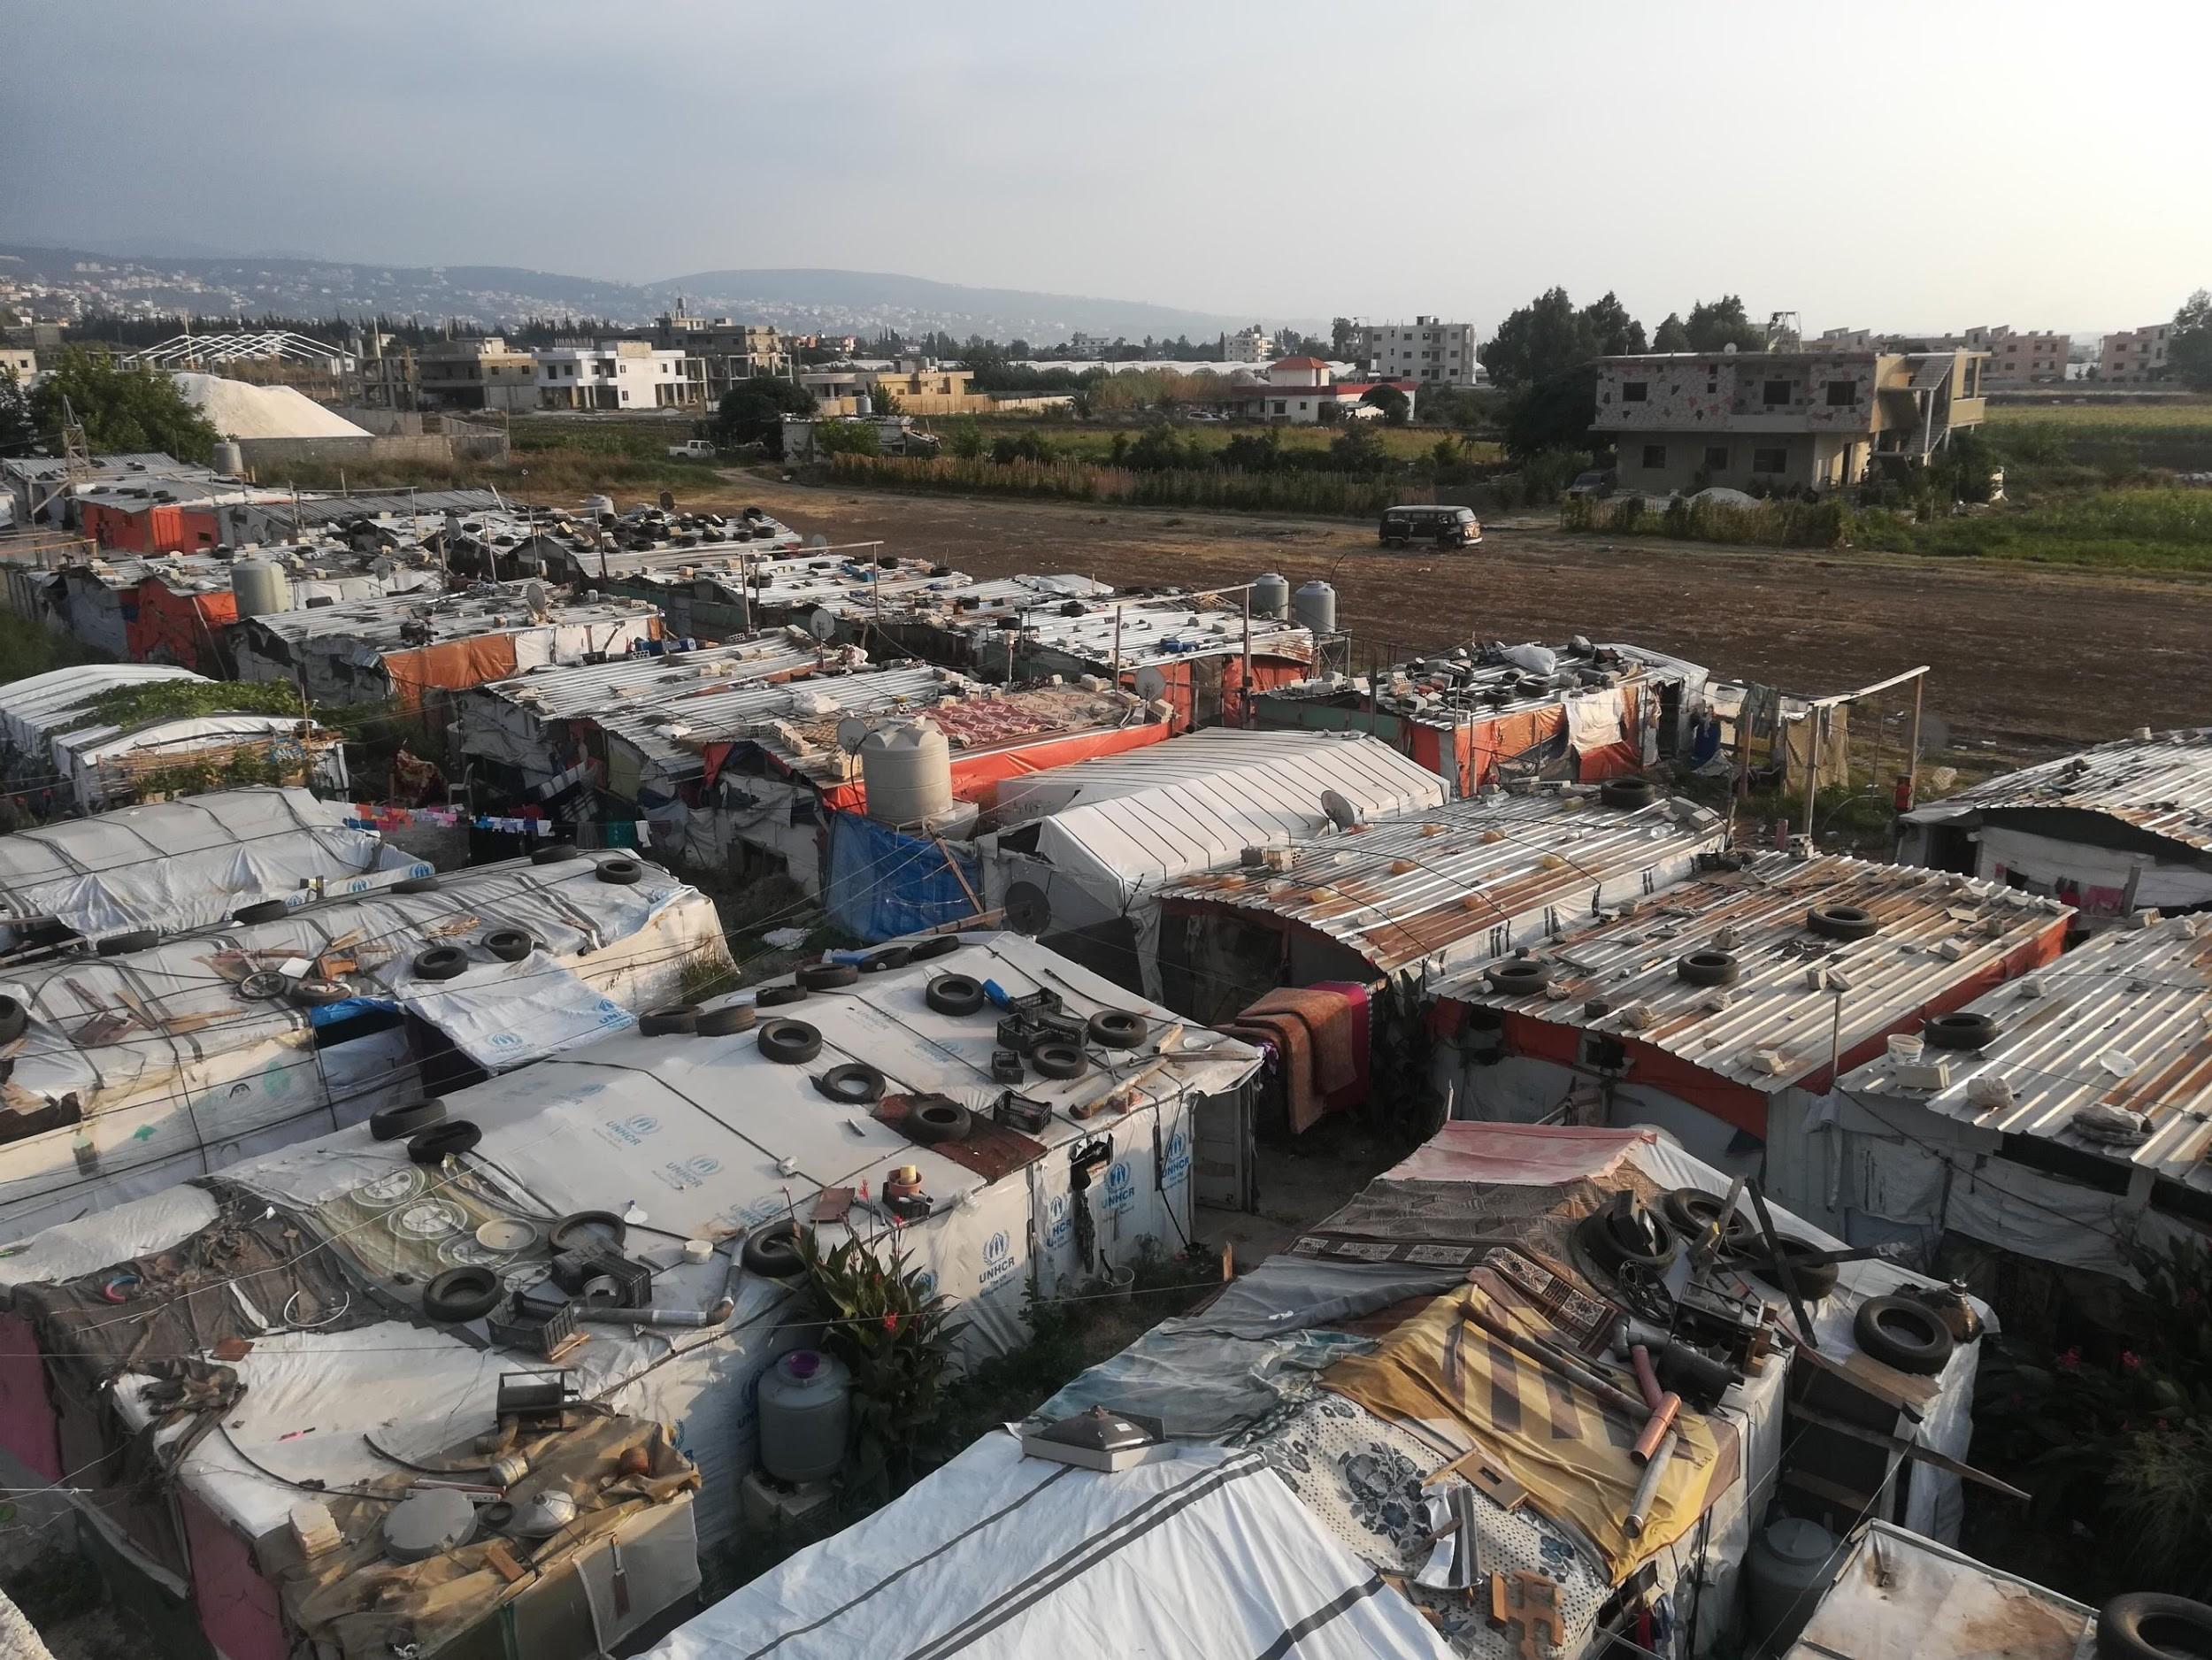 Campo profughi siriano di Tel Abbass. Ph. © Simona Degiorgi (Libano, agosto 2018)